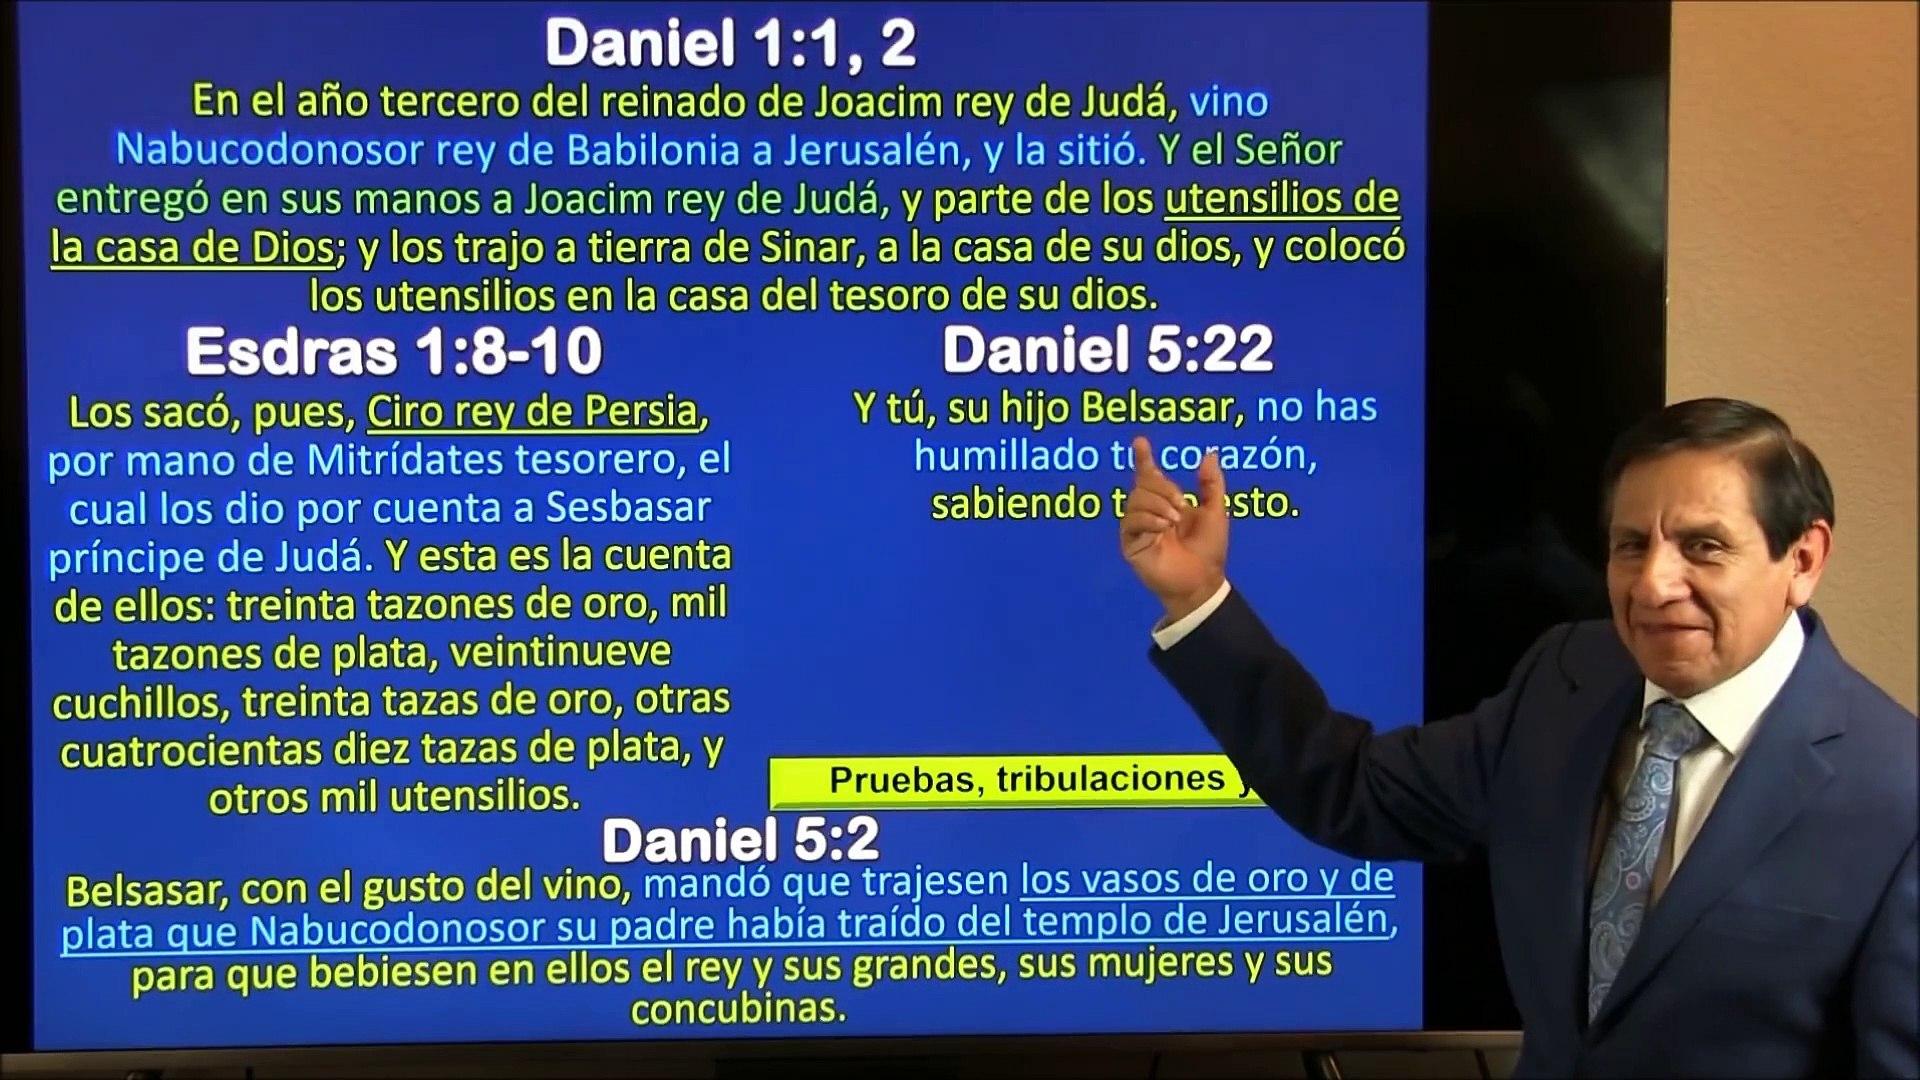 Lección 9: Pruebas, tribulaciones y listas - Escuela sabatica 2000